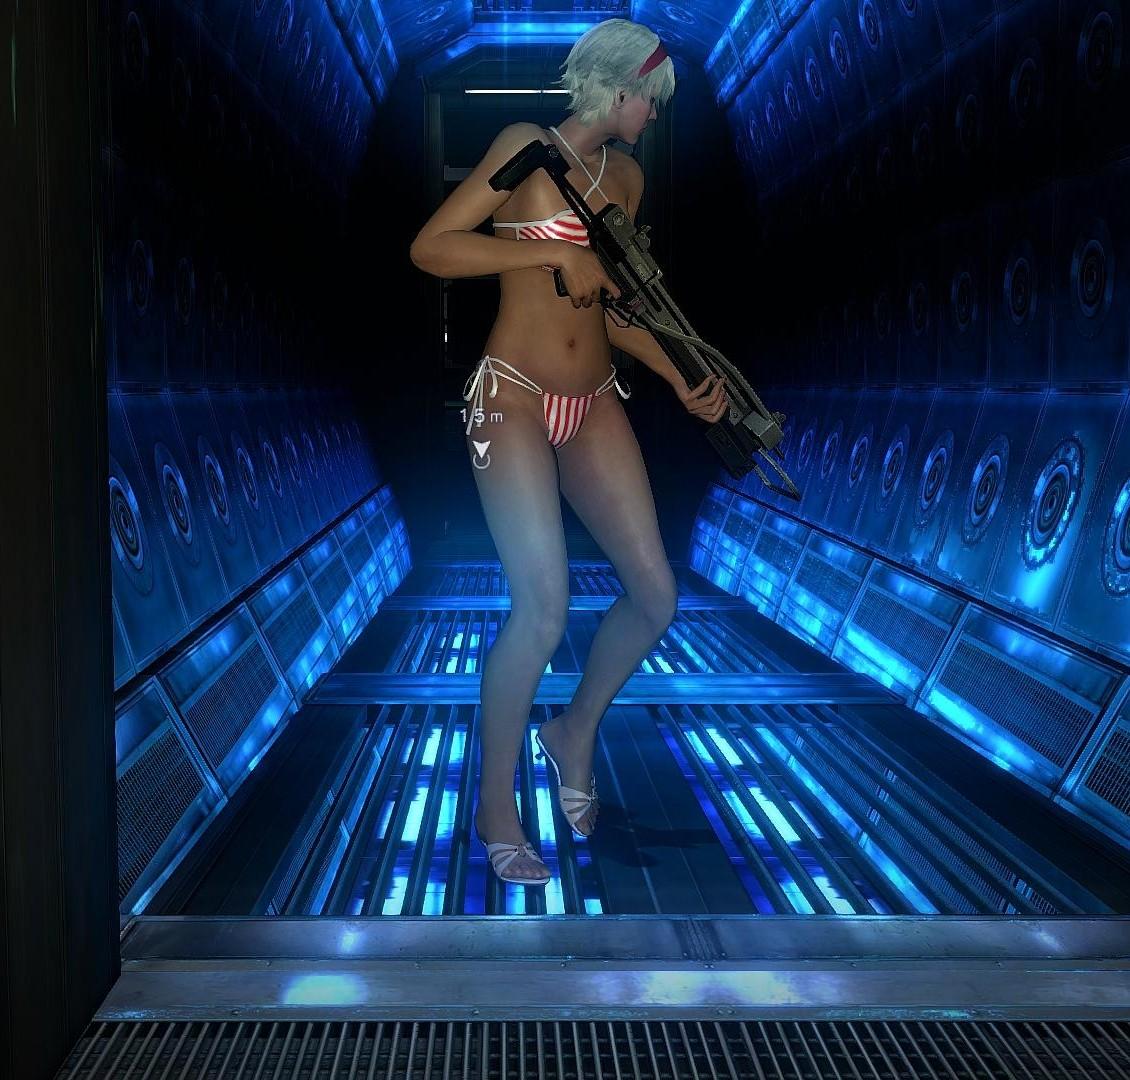 Sherry American Bikini  0_117642_a23186f9_orig